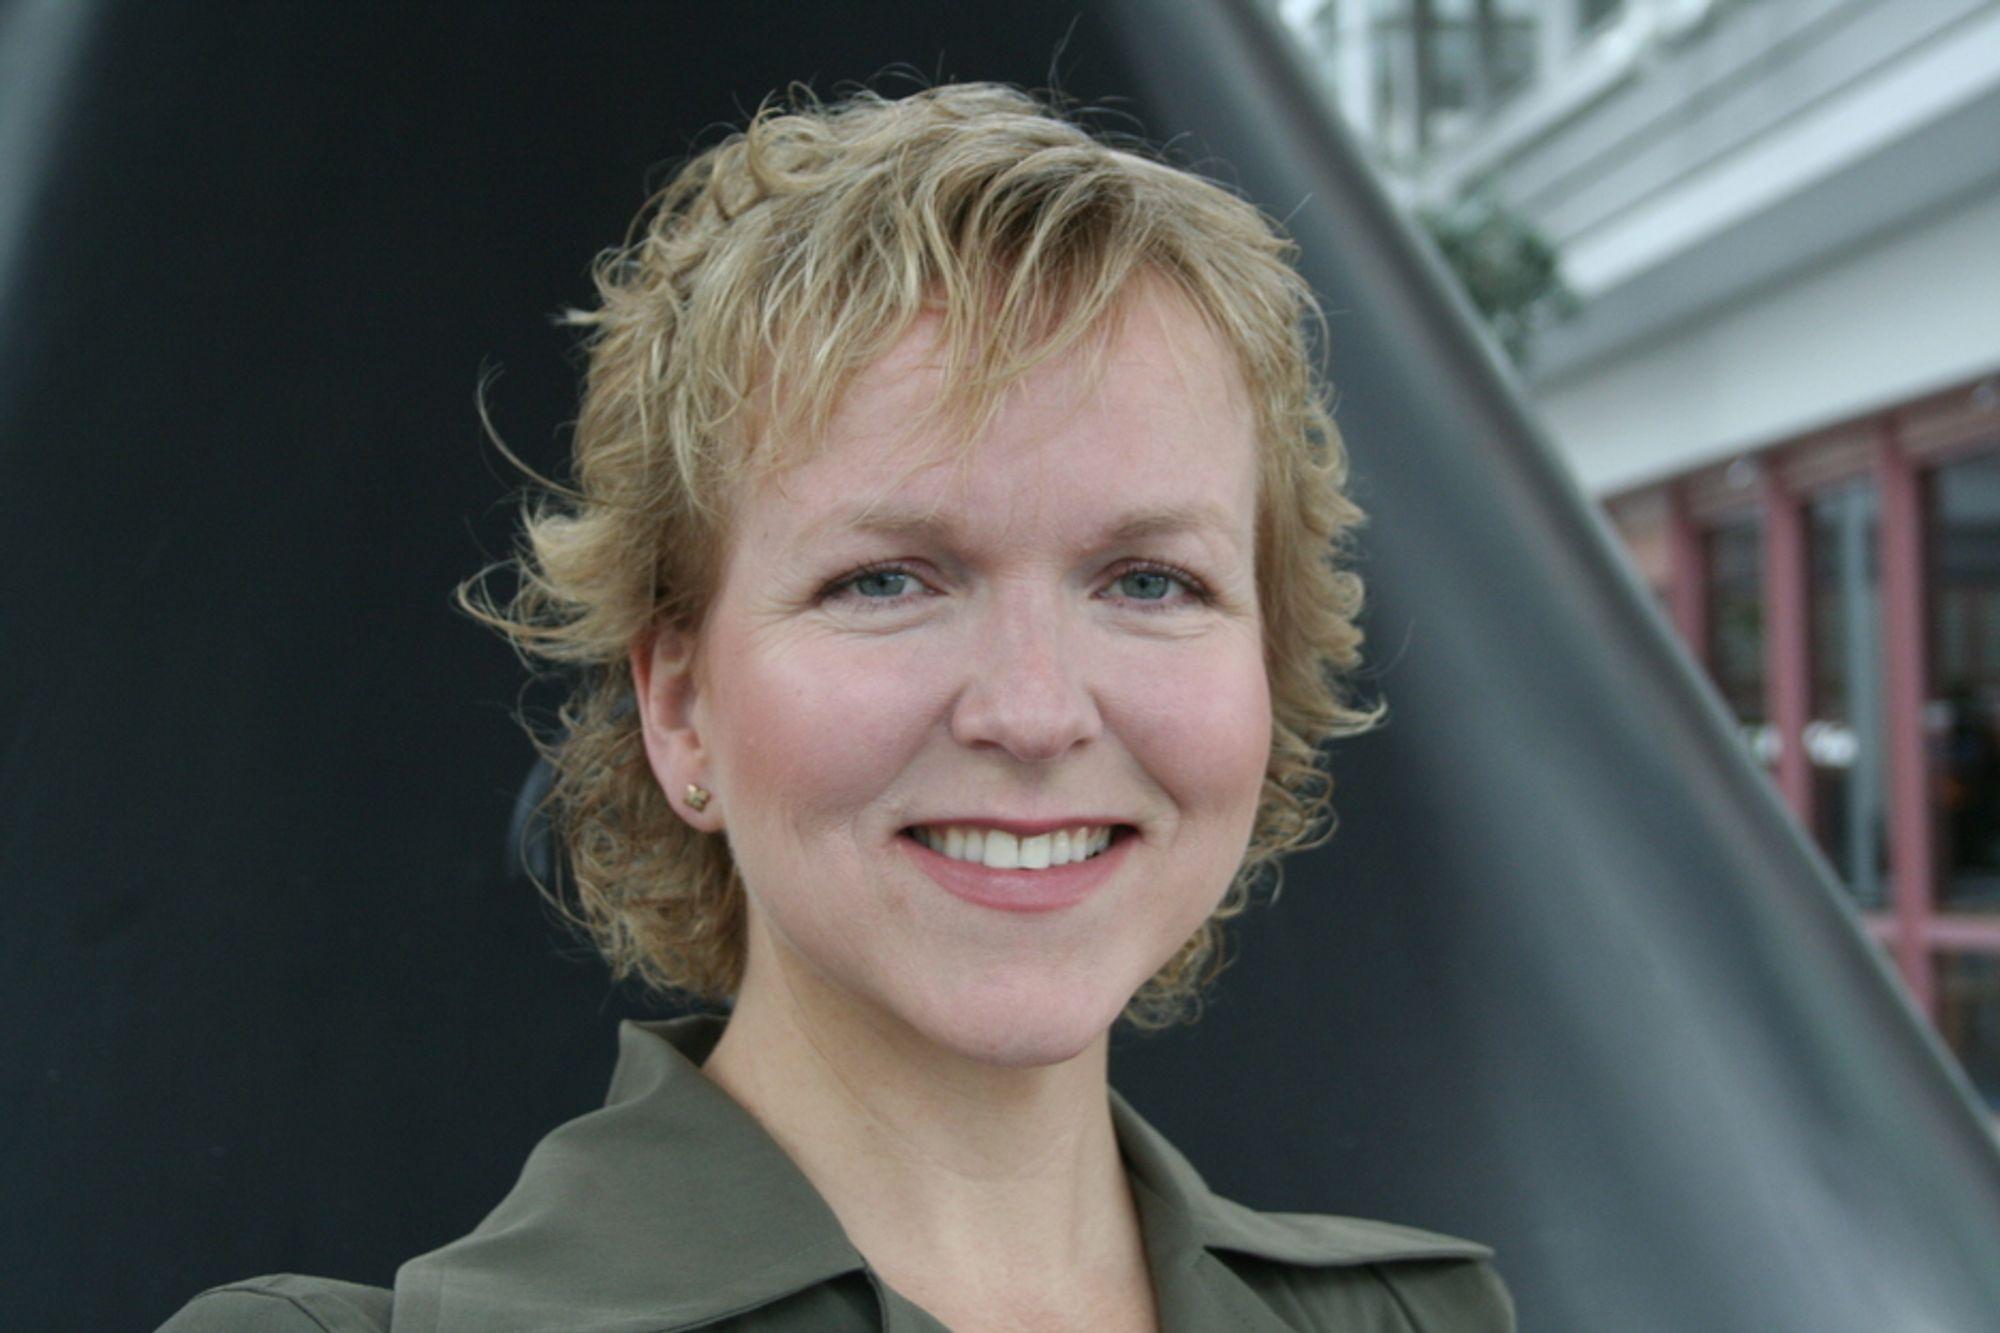 HØYT NIVÅ: Jobbsøknadene vi får, er av overraskende god kvalitet, sier Ingrid Sanne i IBM.